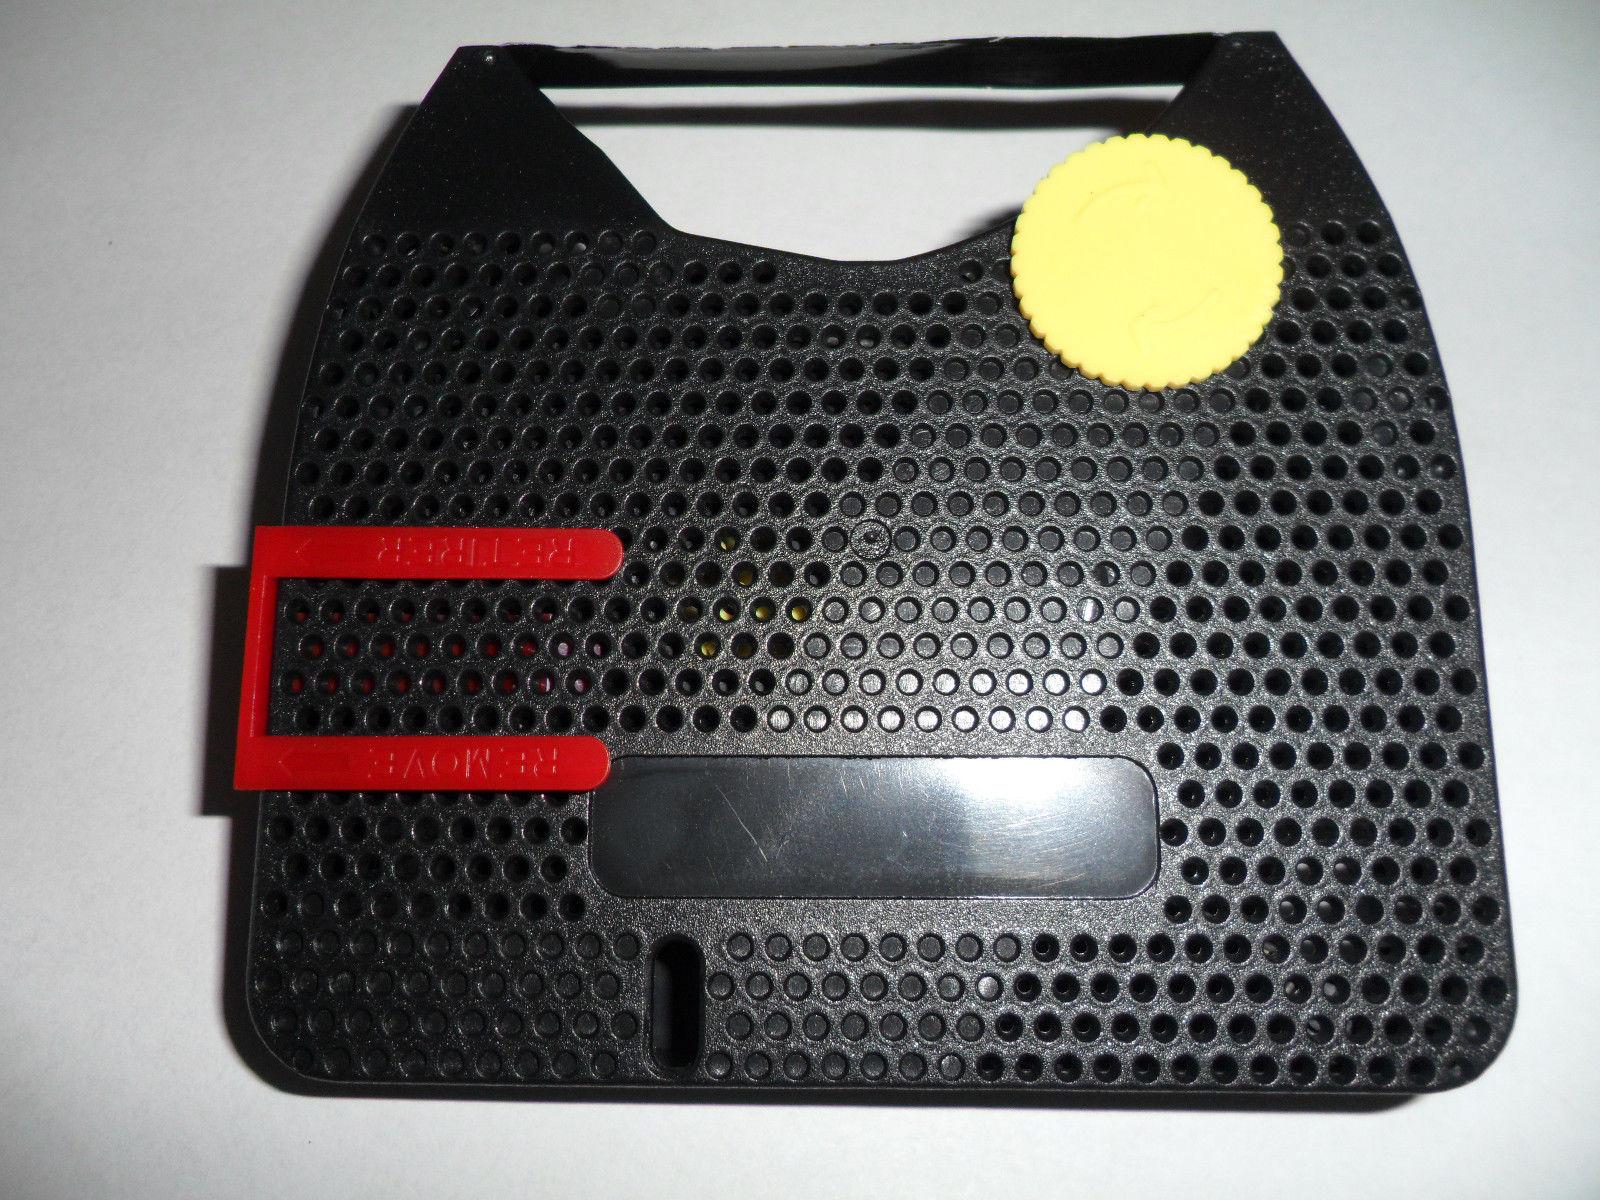 Smith Corona PWP 5300LR PWP 5400LR Typewriter Ribbon (2 Pack) Replaces 21000